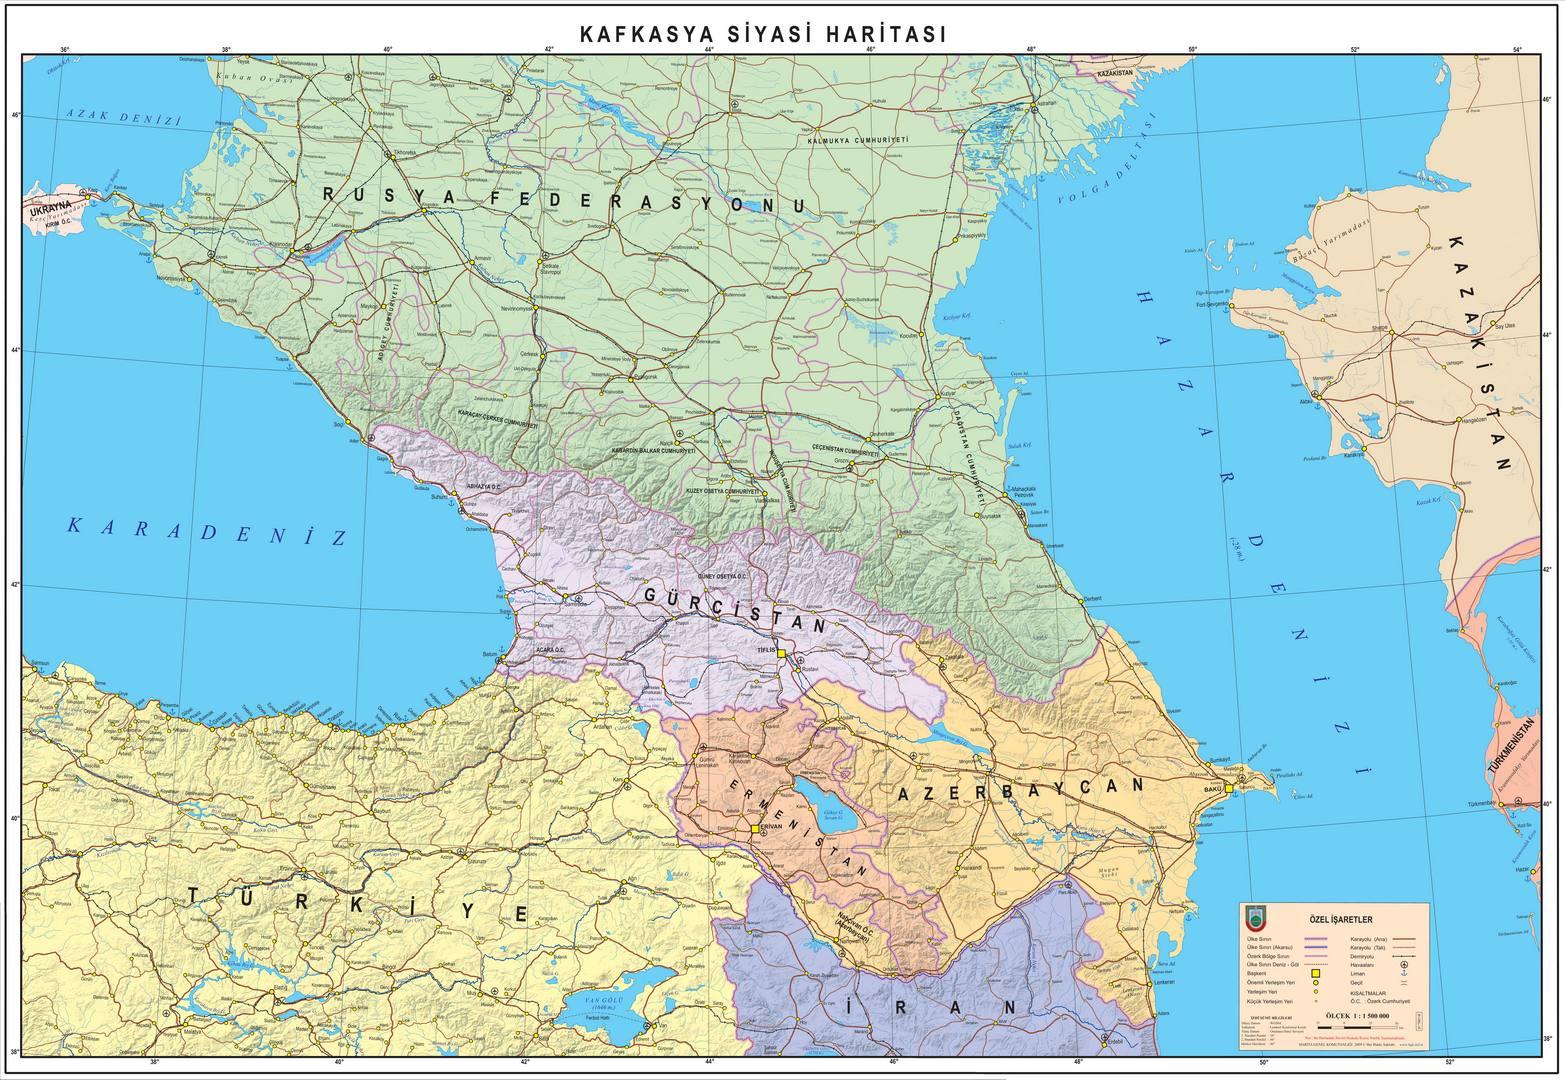 Kafkasya fiziki haritası